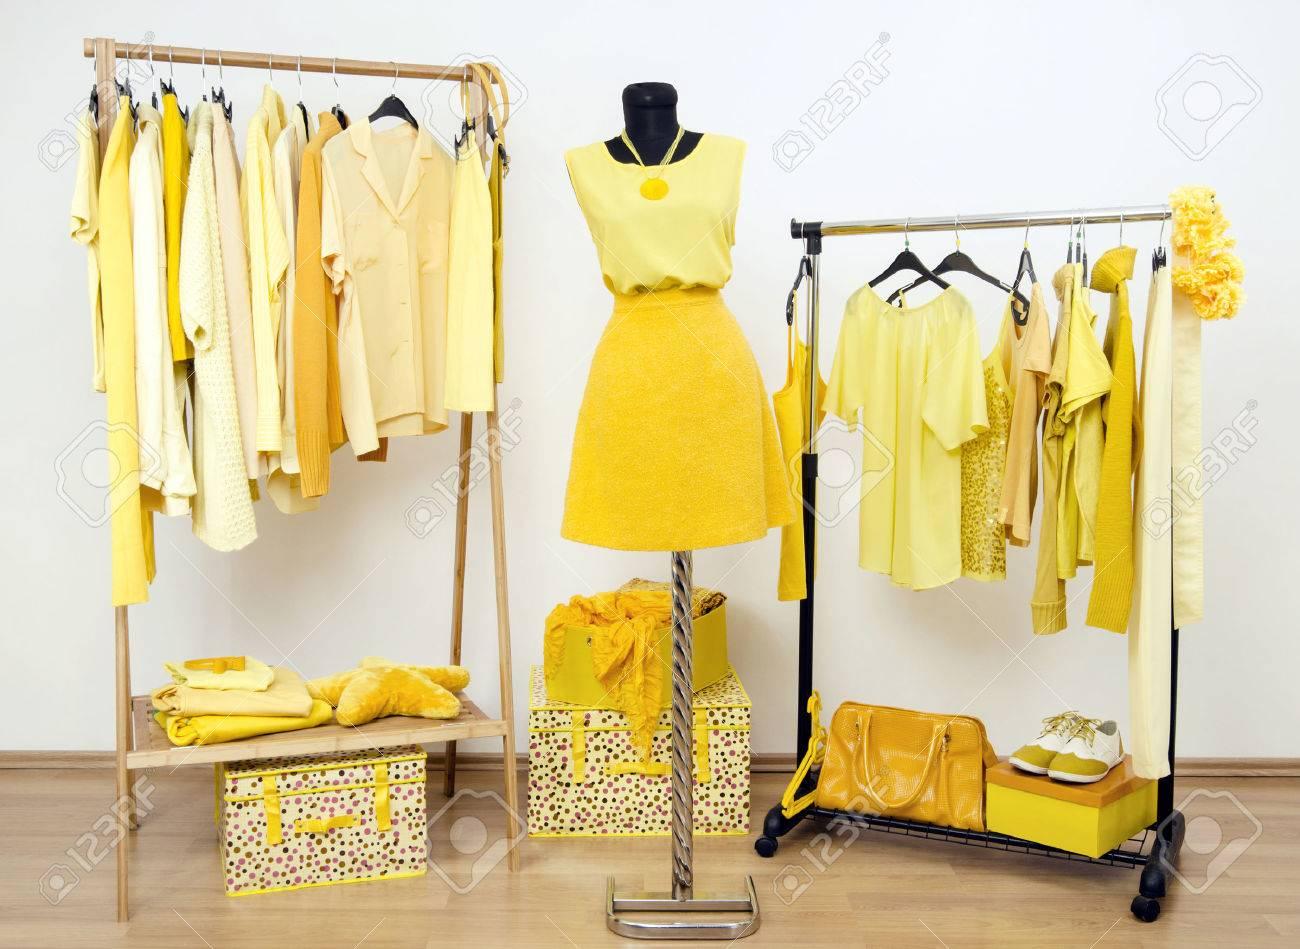 692a45d4c862 Armario lleno de todos los matices de la ropa de color amarillo, zapatos y  accesorios.